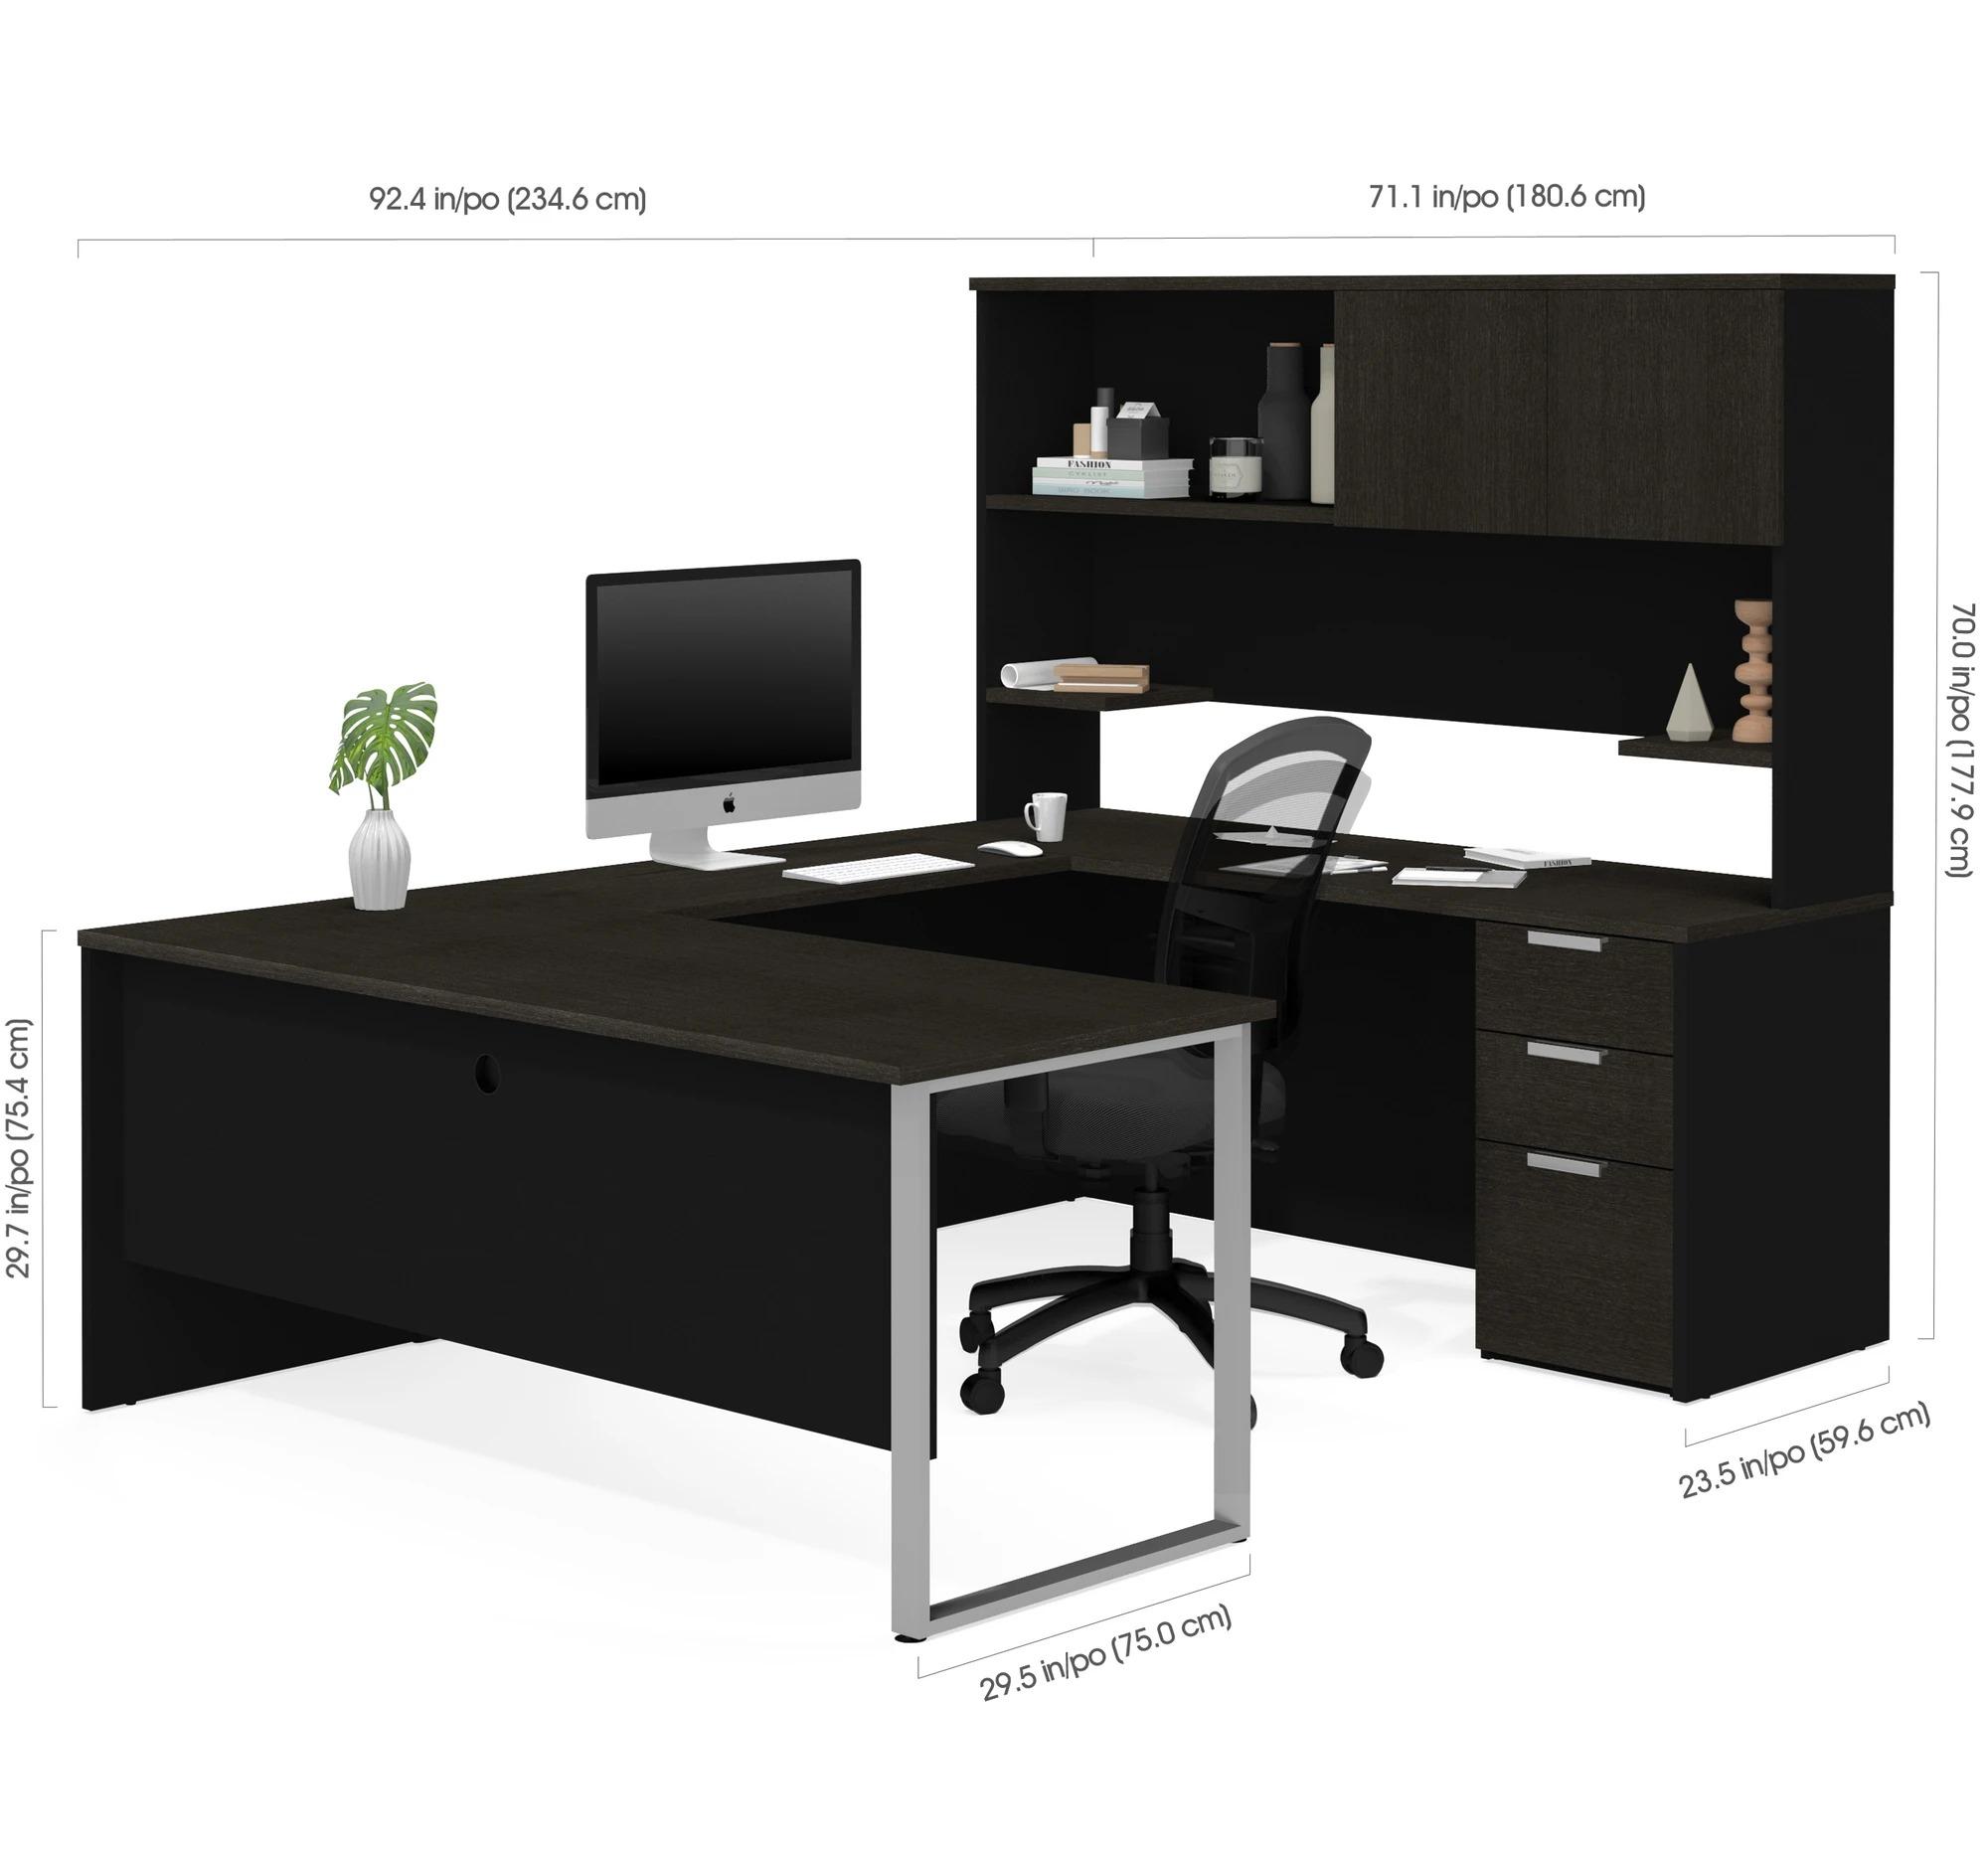 thi công sản phẩm nội thất văn phòng theo yêu cầu